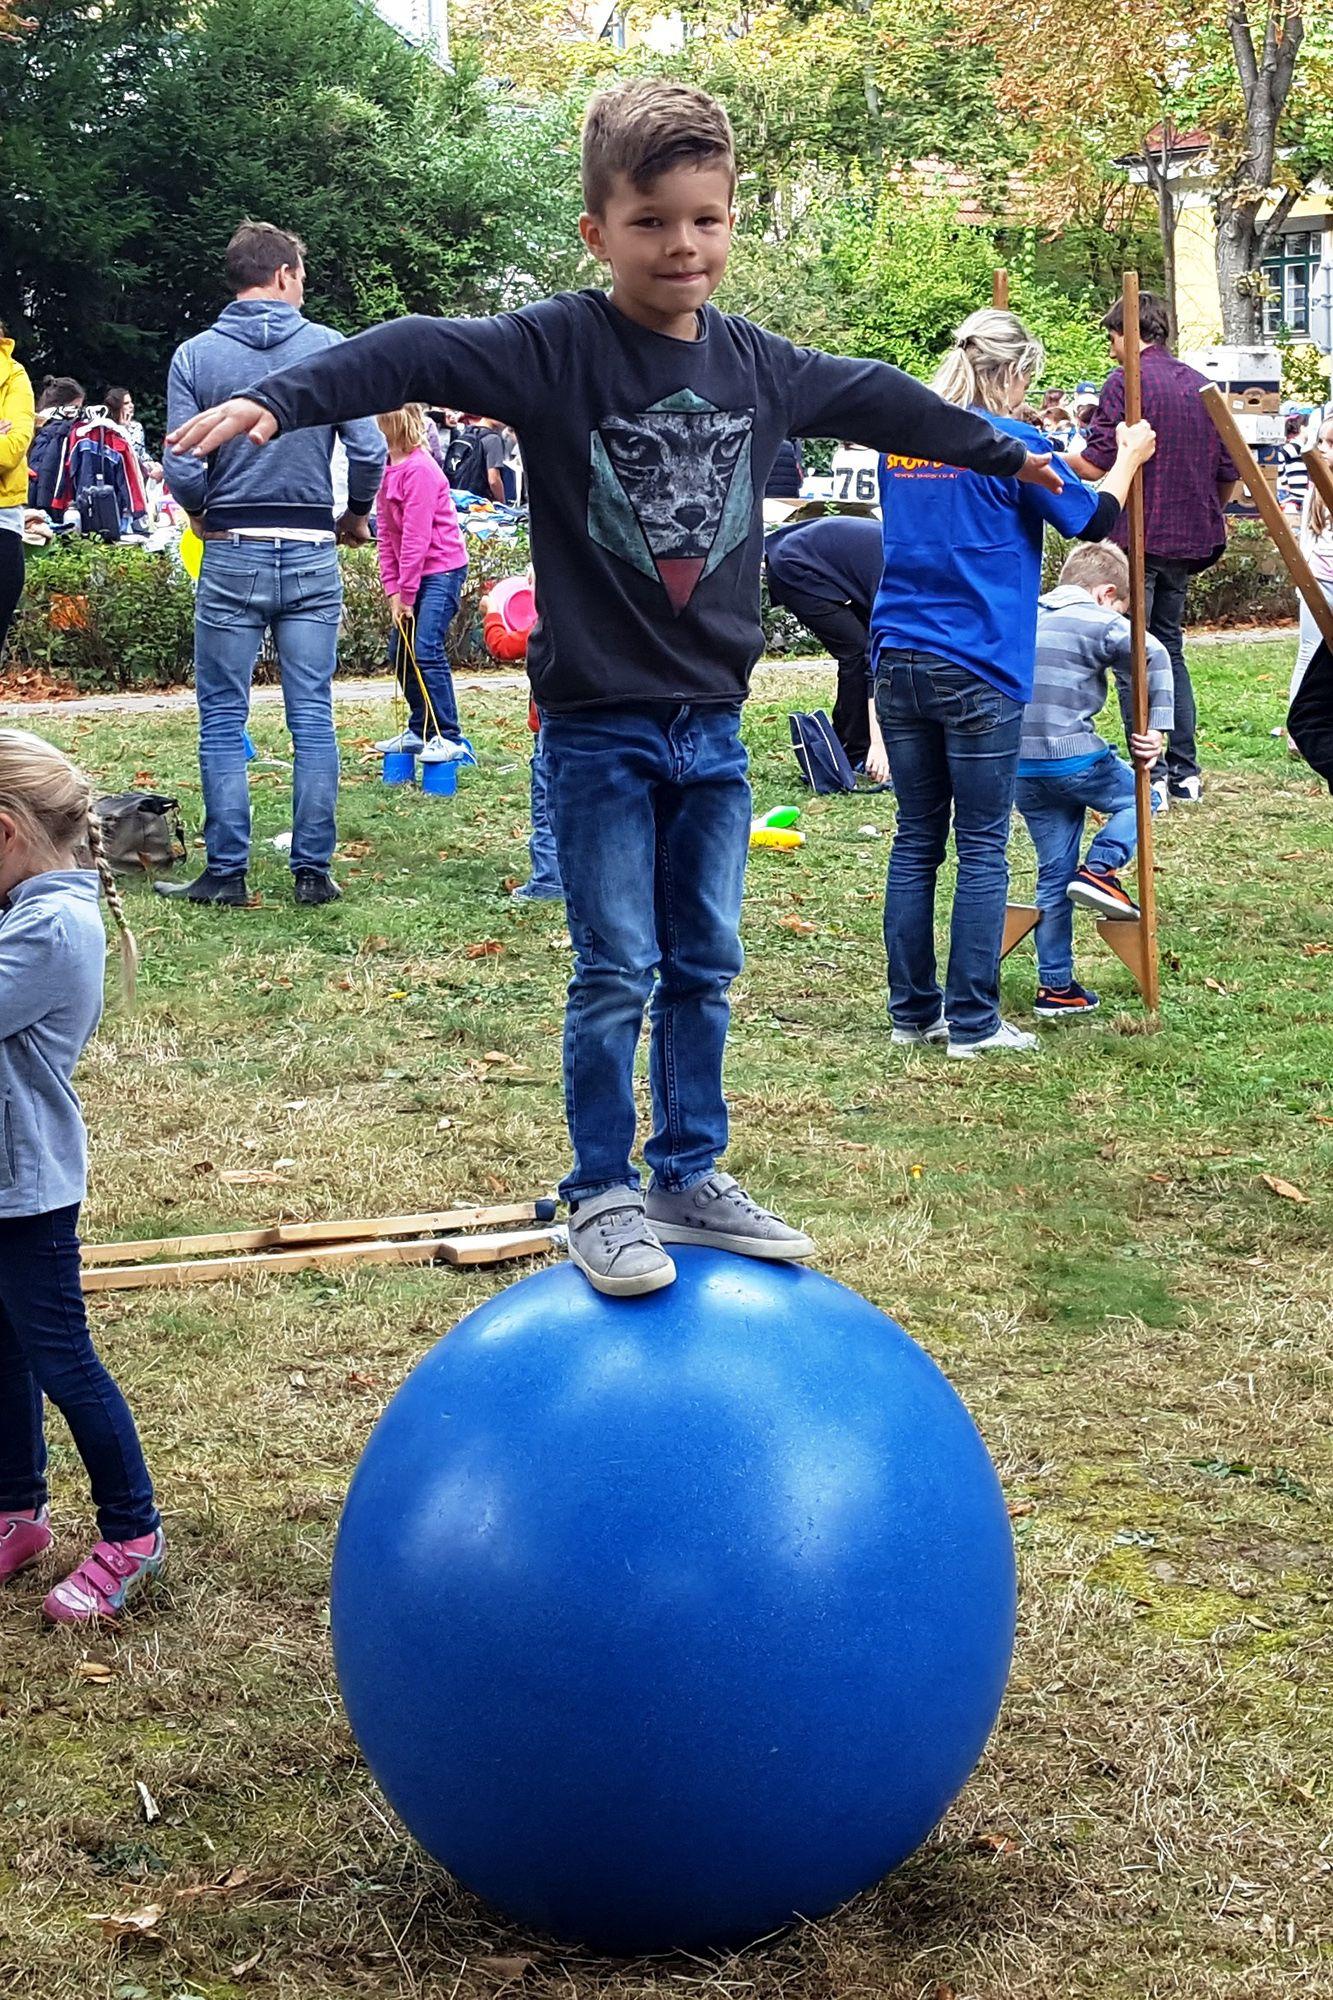 Jonglierworkshop am Hügelparkfest in Wien